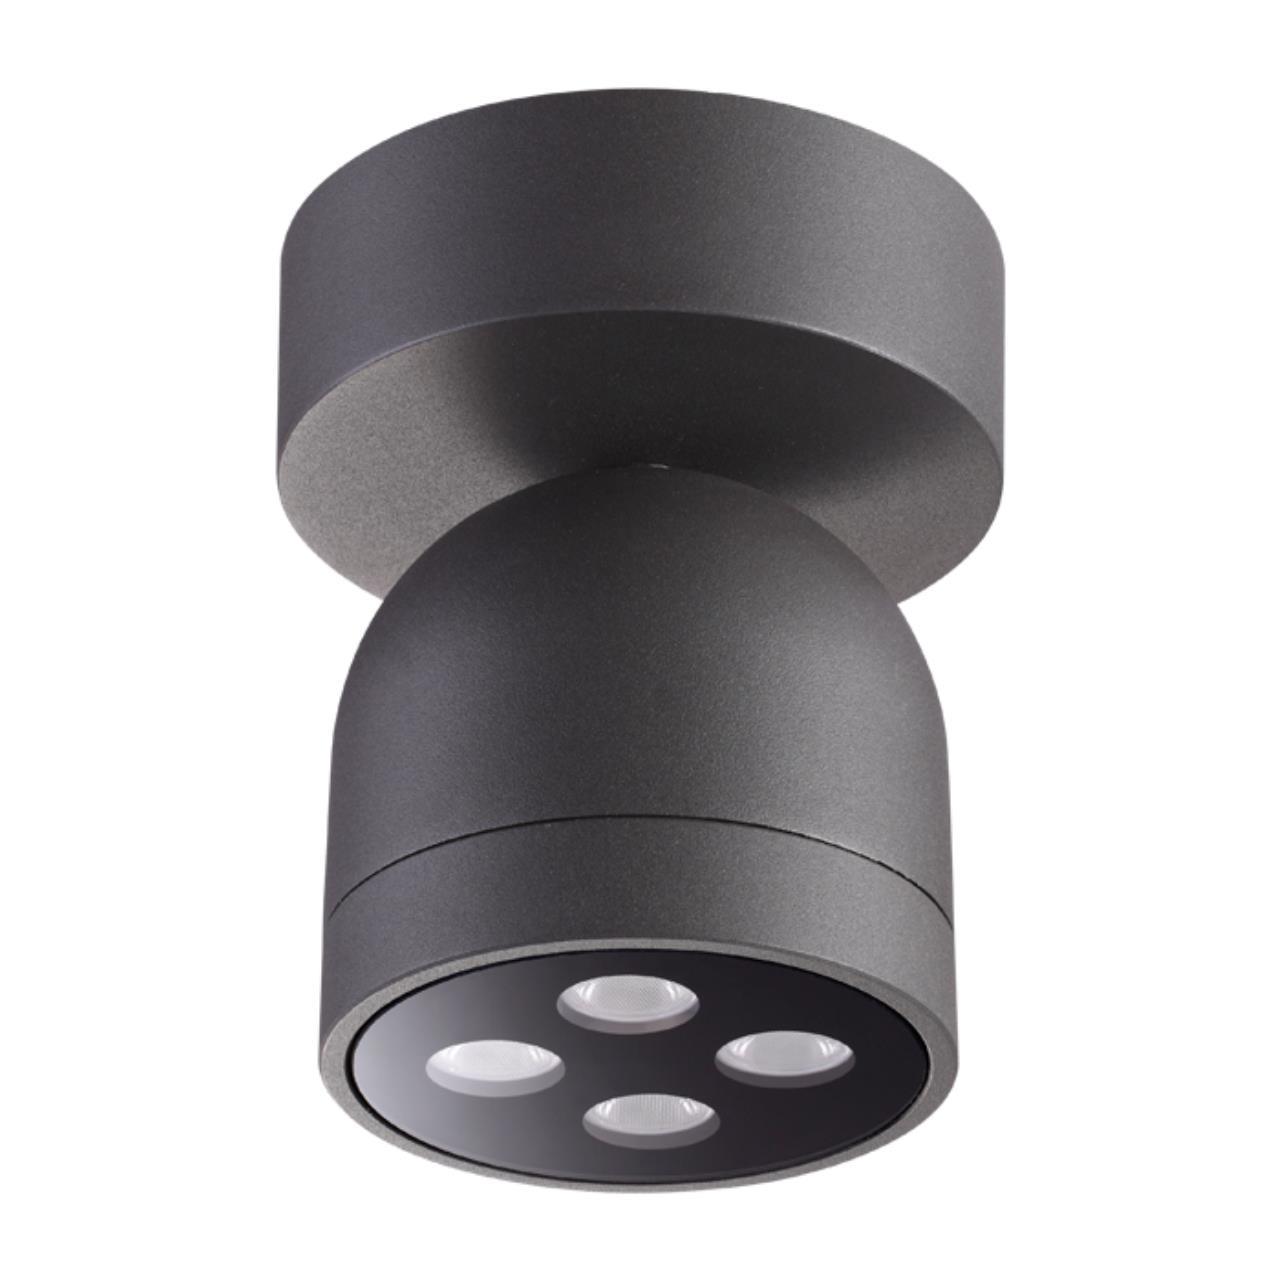 358118 STREET NT19 149 темно-серый  Ландшафтный светильник IP65 LED 3000К 10W 100-240V GALEATI